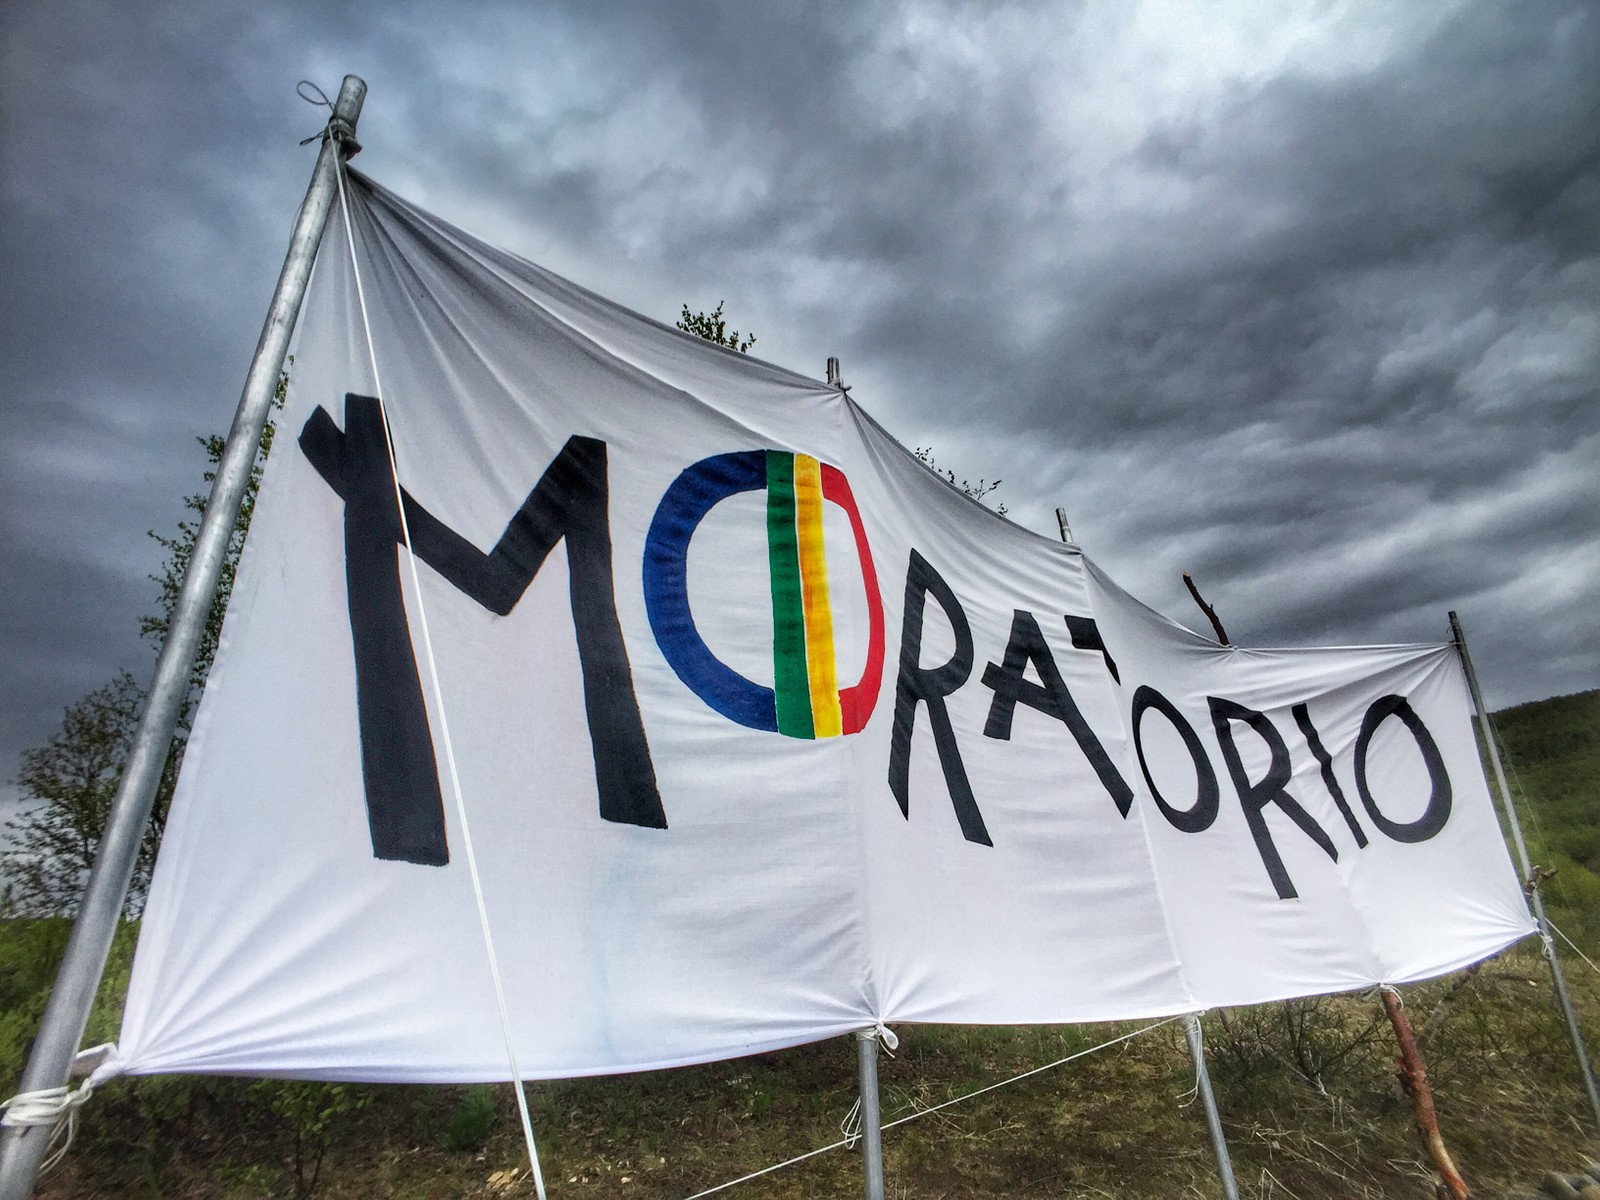 Dette er demonstrantenes banner på Čearretsuolu. Her har demonstrantene erklært et såkalt «moratorium». Begrepet brukes ifølge Wikipedia blant annet «(...) når et land gjennomgår en periode med politiske og/eller økonomiske vanskeligheter. Innenfor politikk brukes betegnelsen når det er snakk om å utsette et vedtak.»